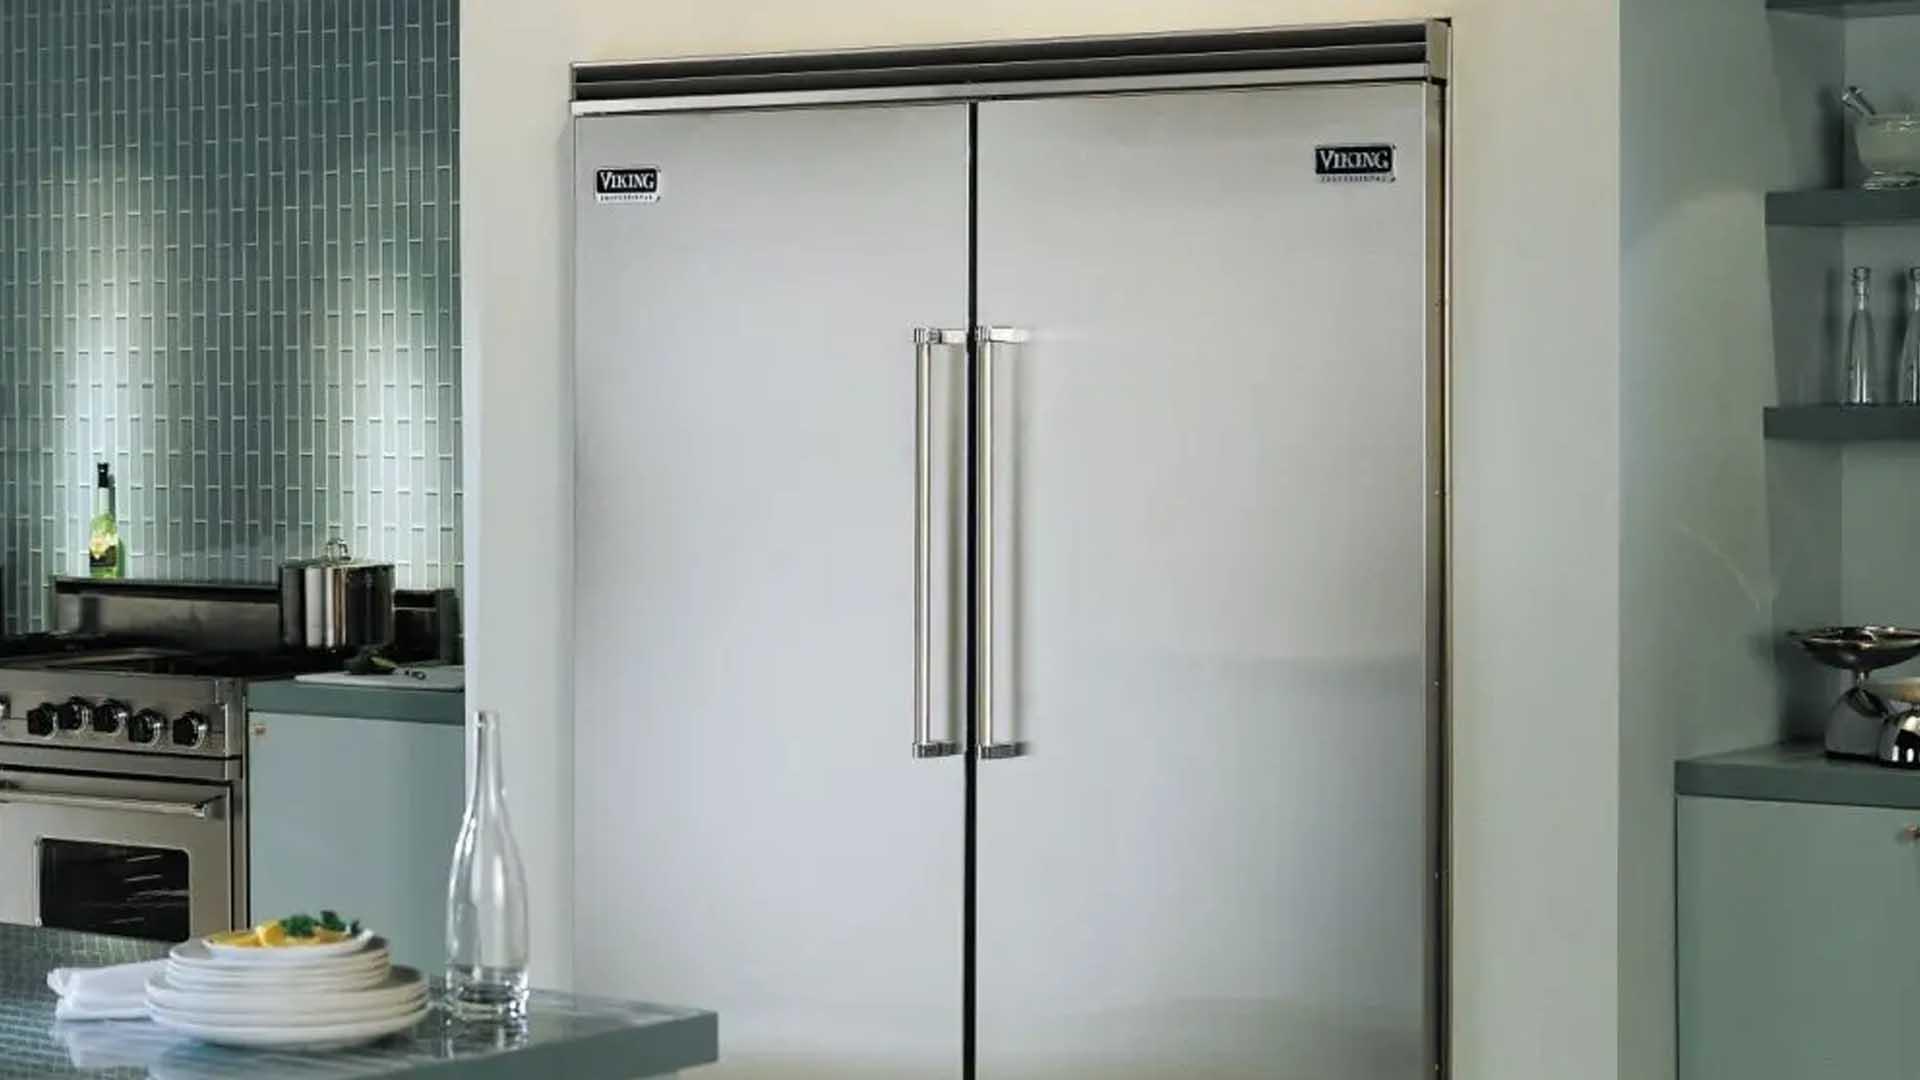 Viking Built-In All Refrigerator Repair Service   Viking Repair Squad